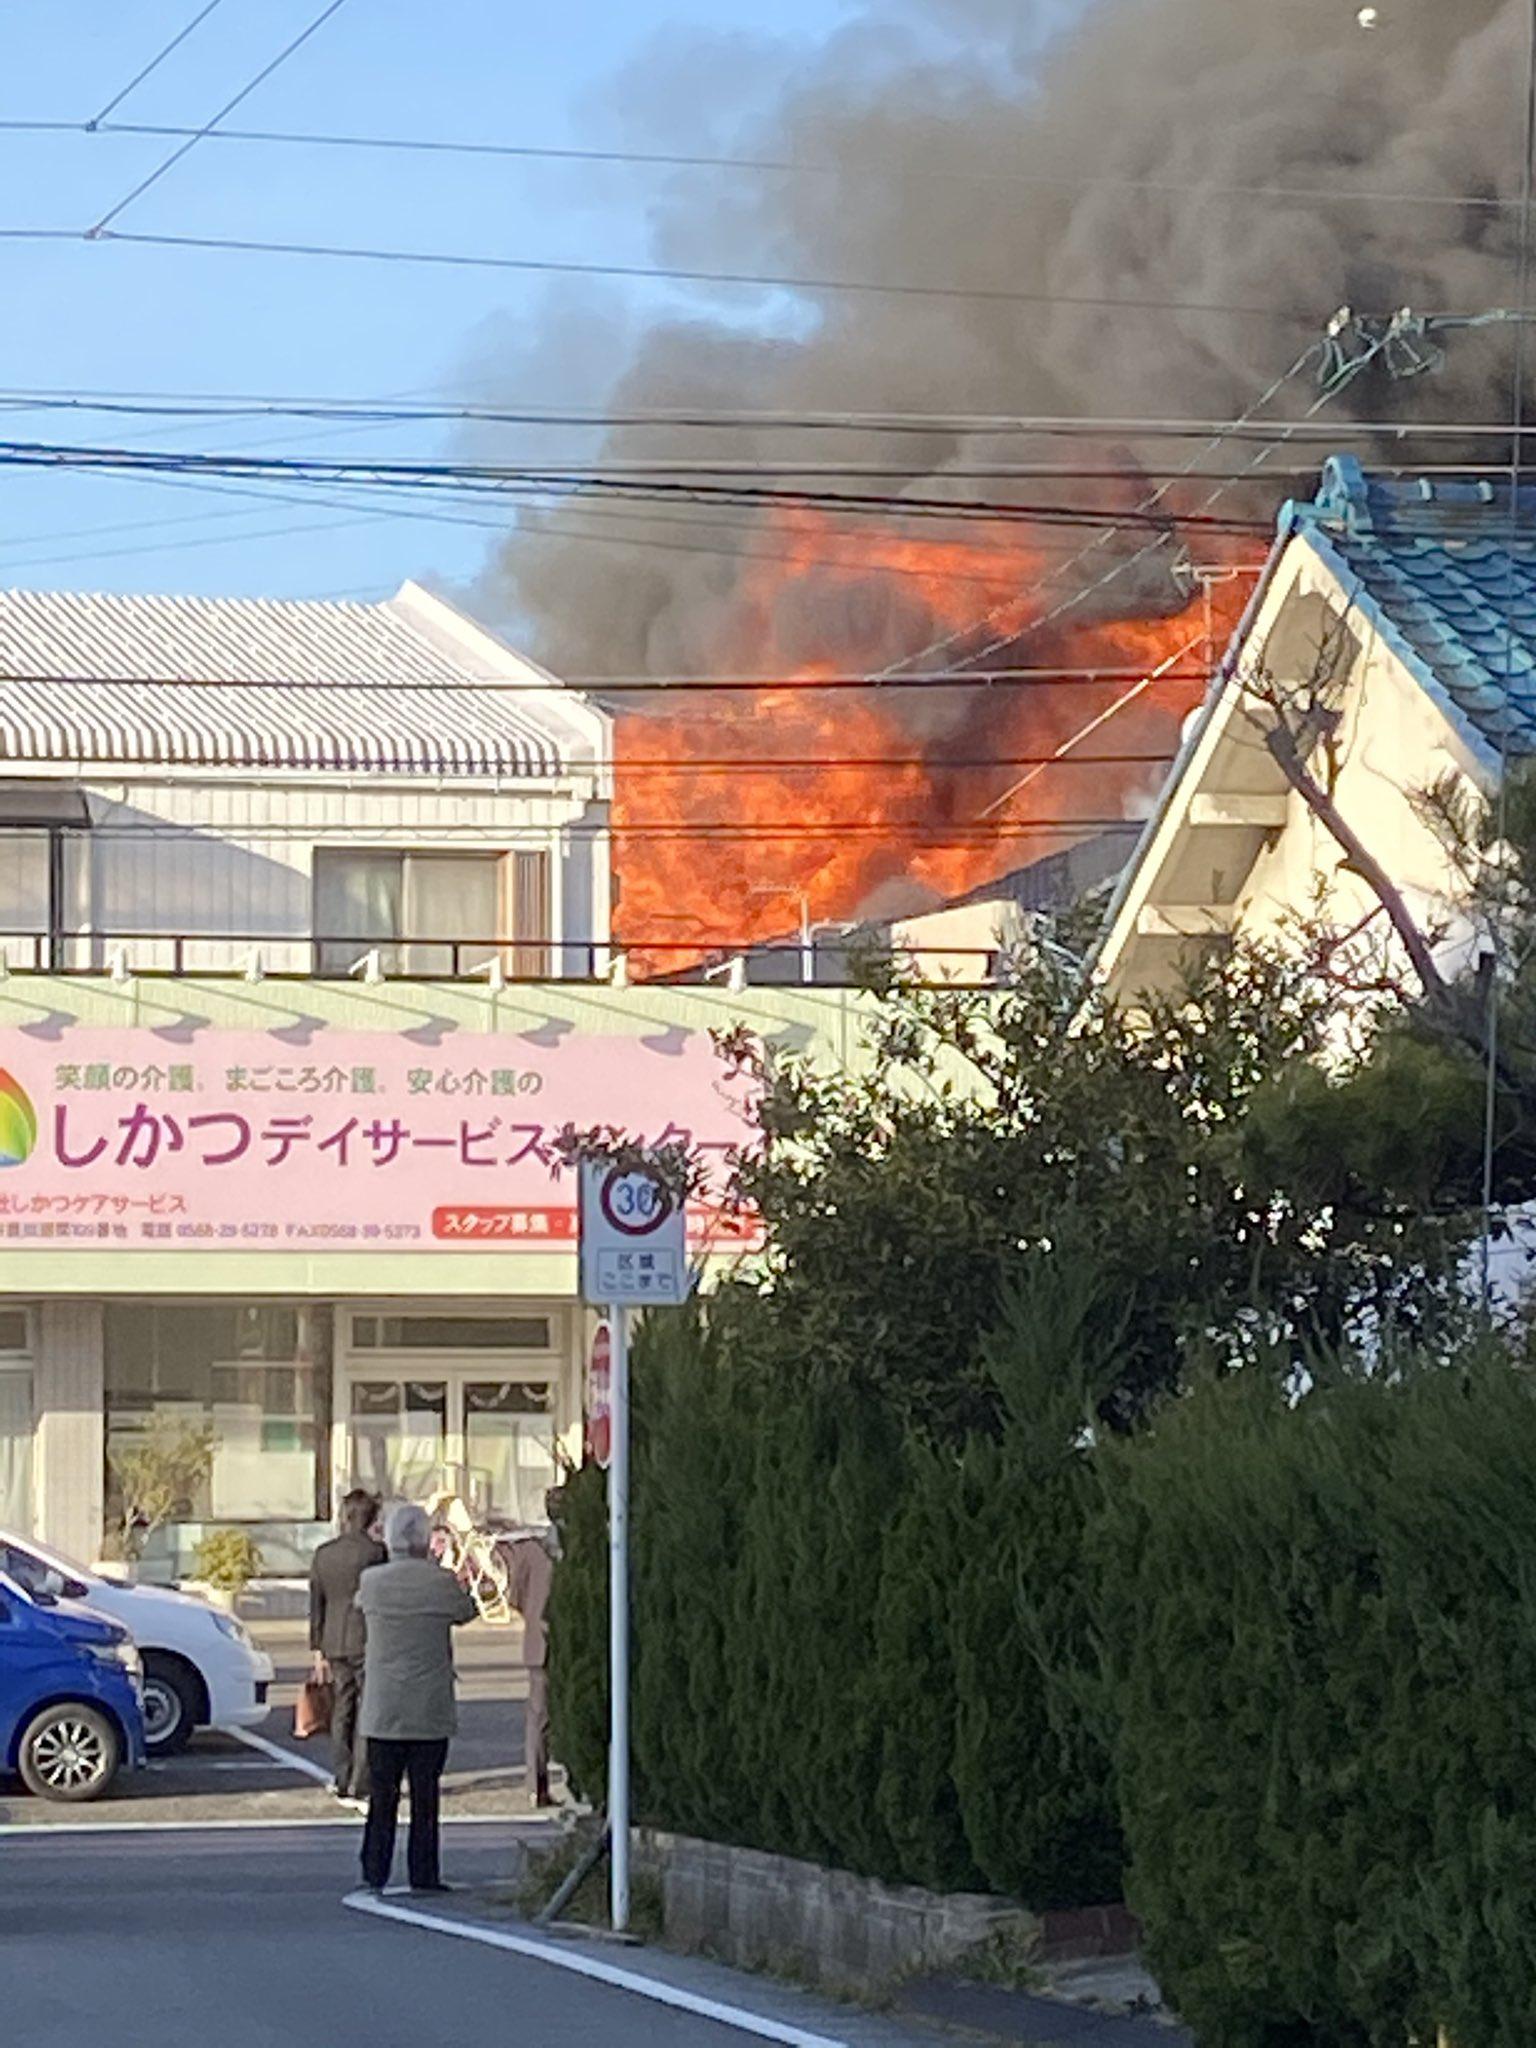 北名古屋市鹿田の集合住宅で大火事が起きている画像